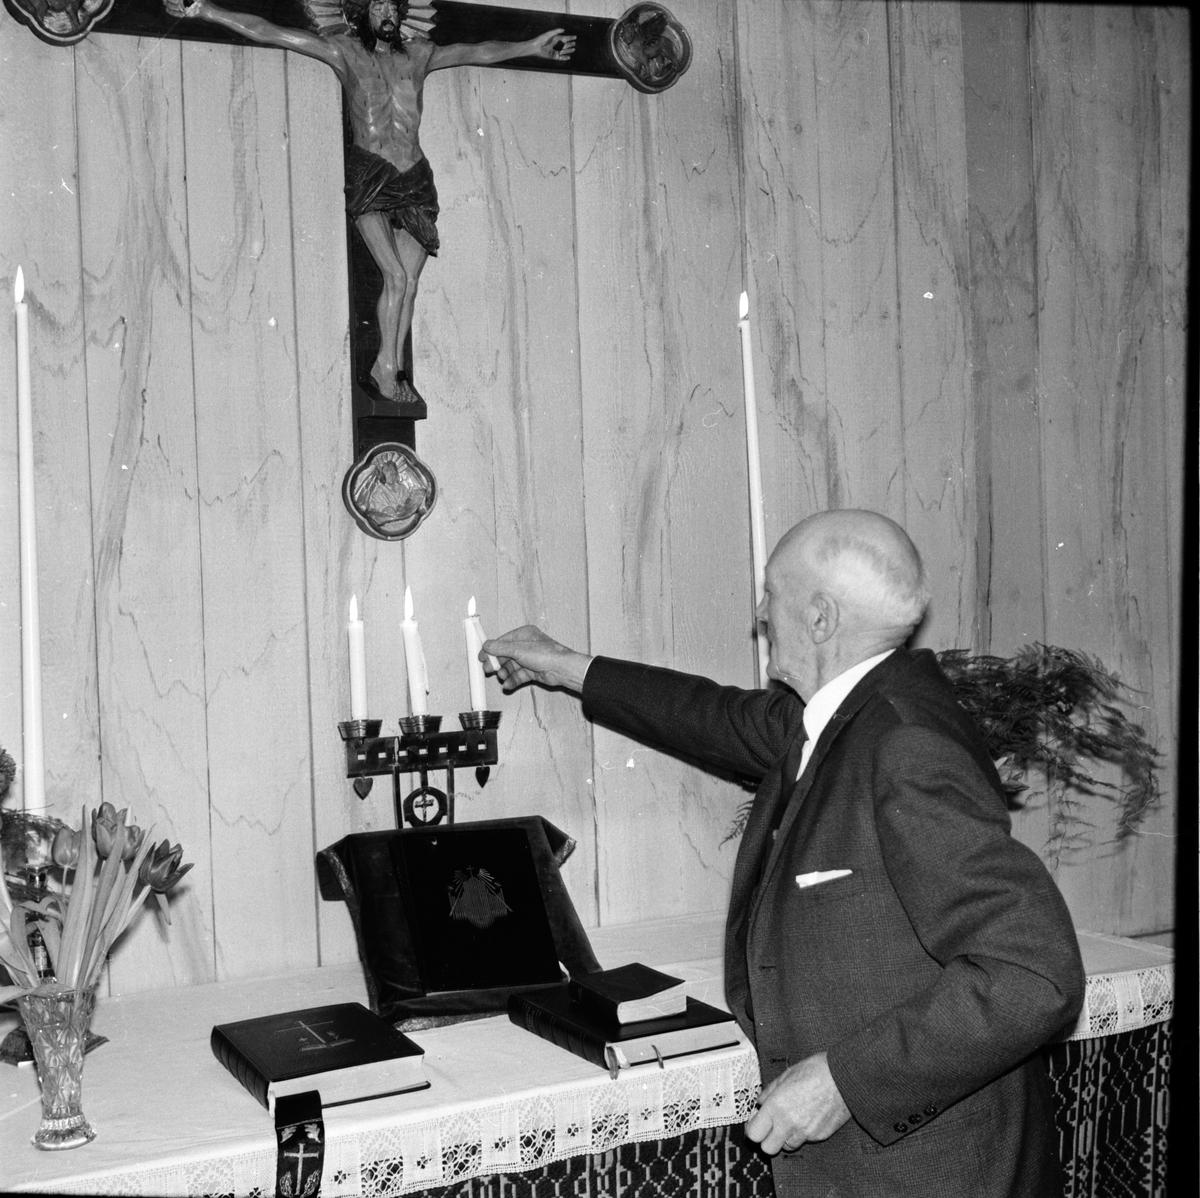 Nordsjö, I kapellet på trettondagen, 1968